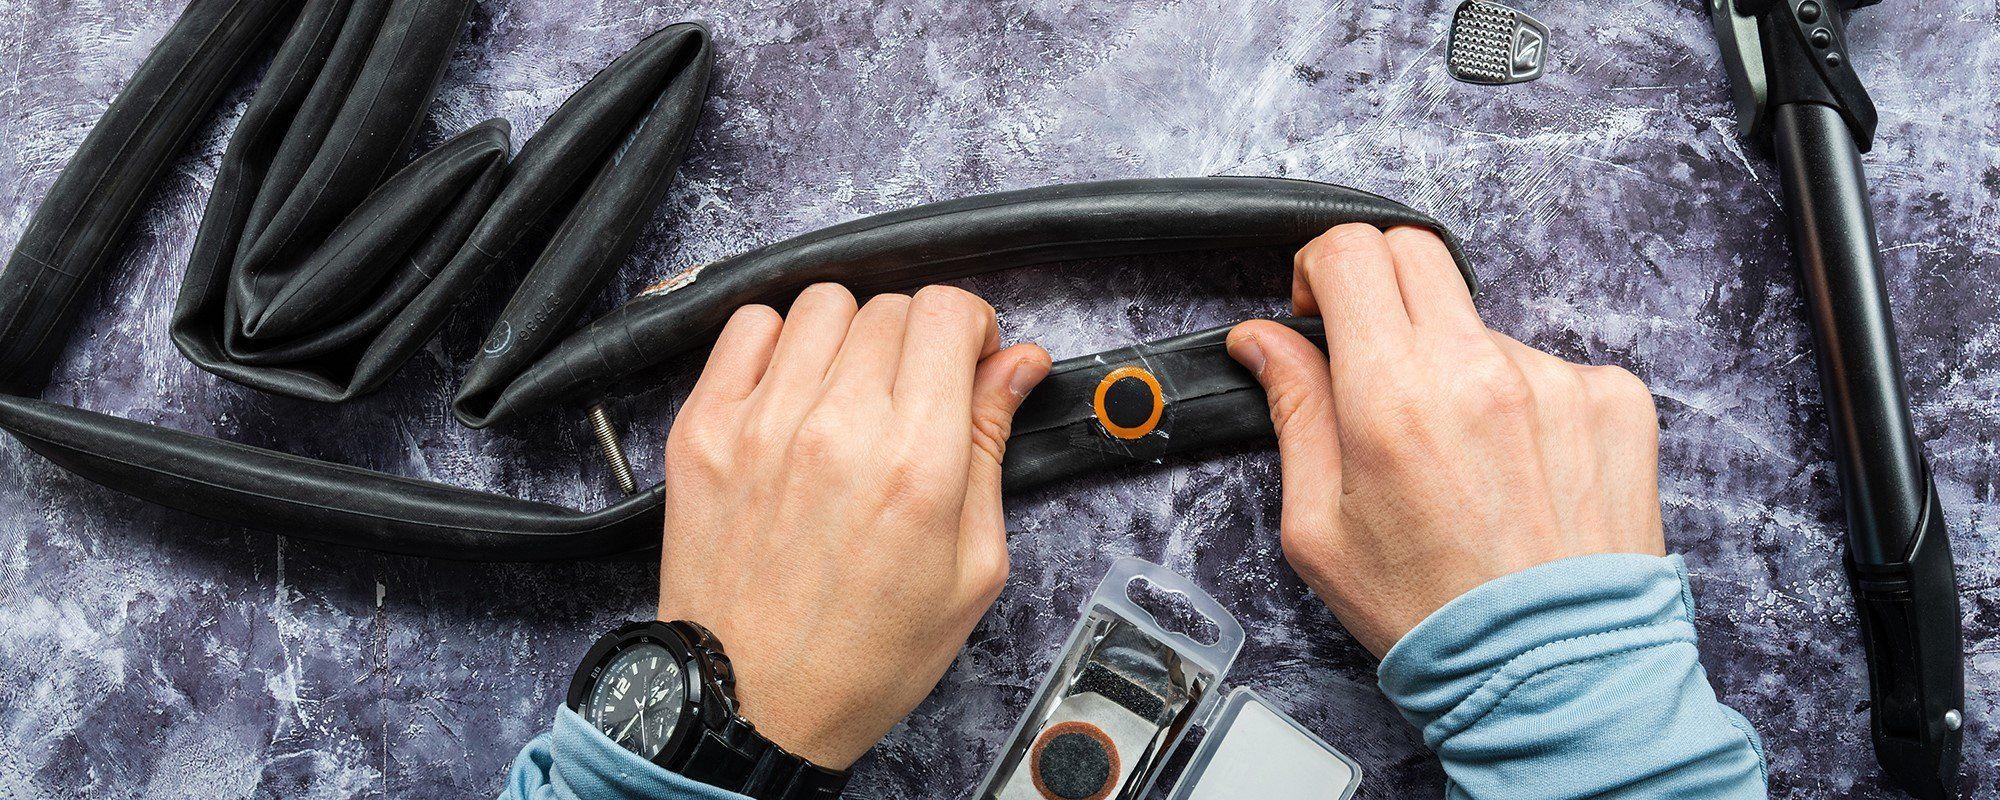 Fahrradschlauch flicken & wechseln: einfach Schritt-für-Schritt den Fahrradschlauch reparieren